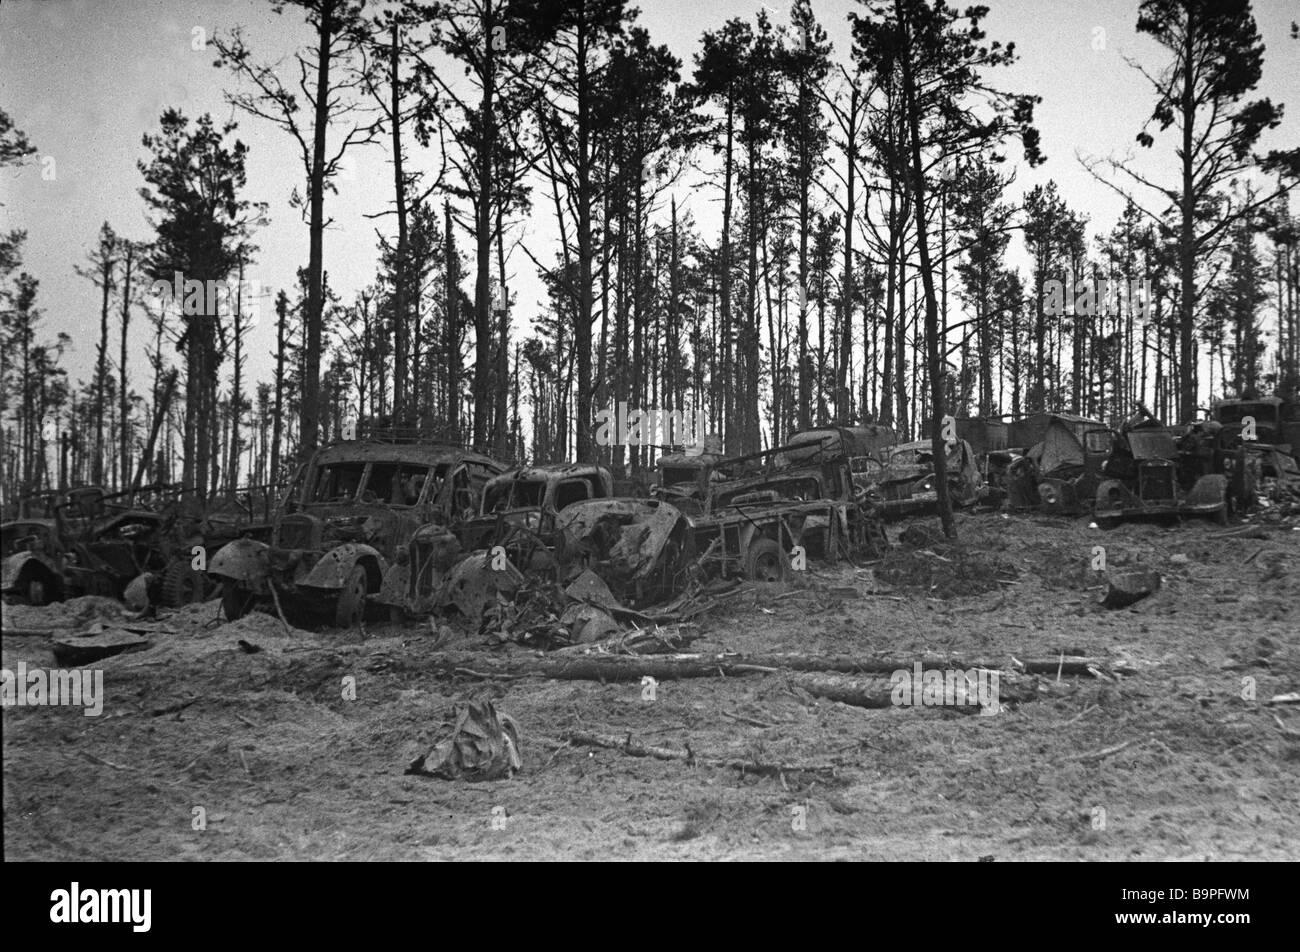 Destroyed Nazi vehicles near Orel - Stock Image